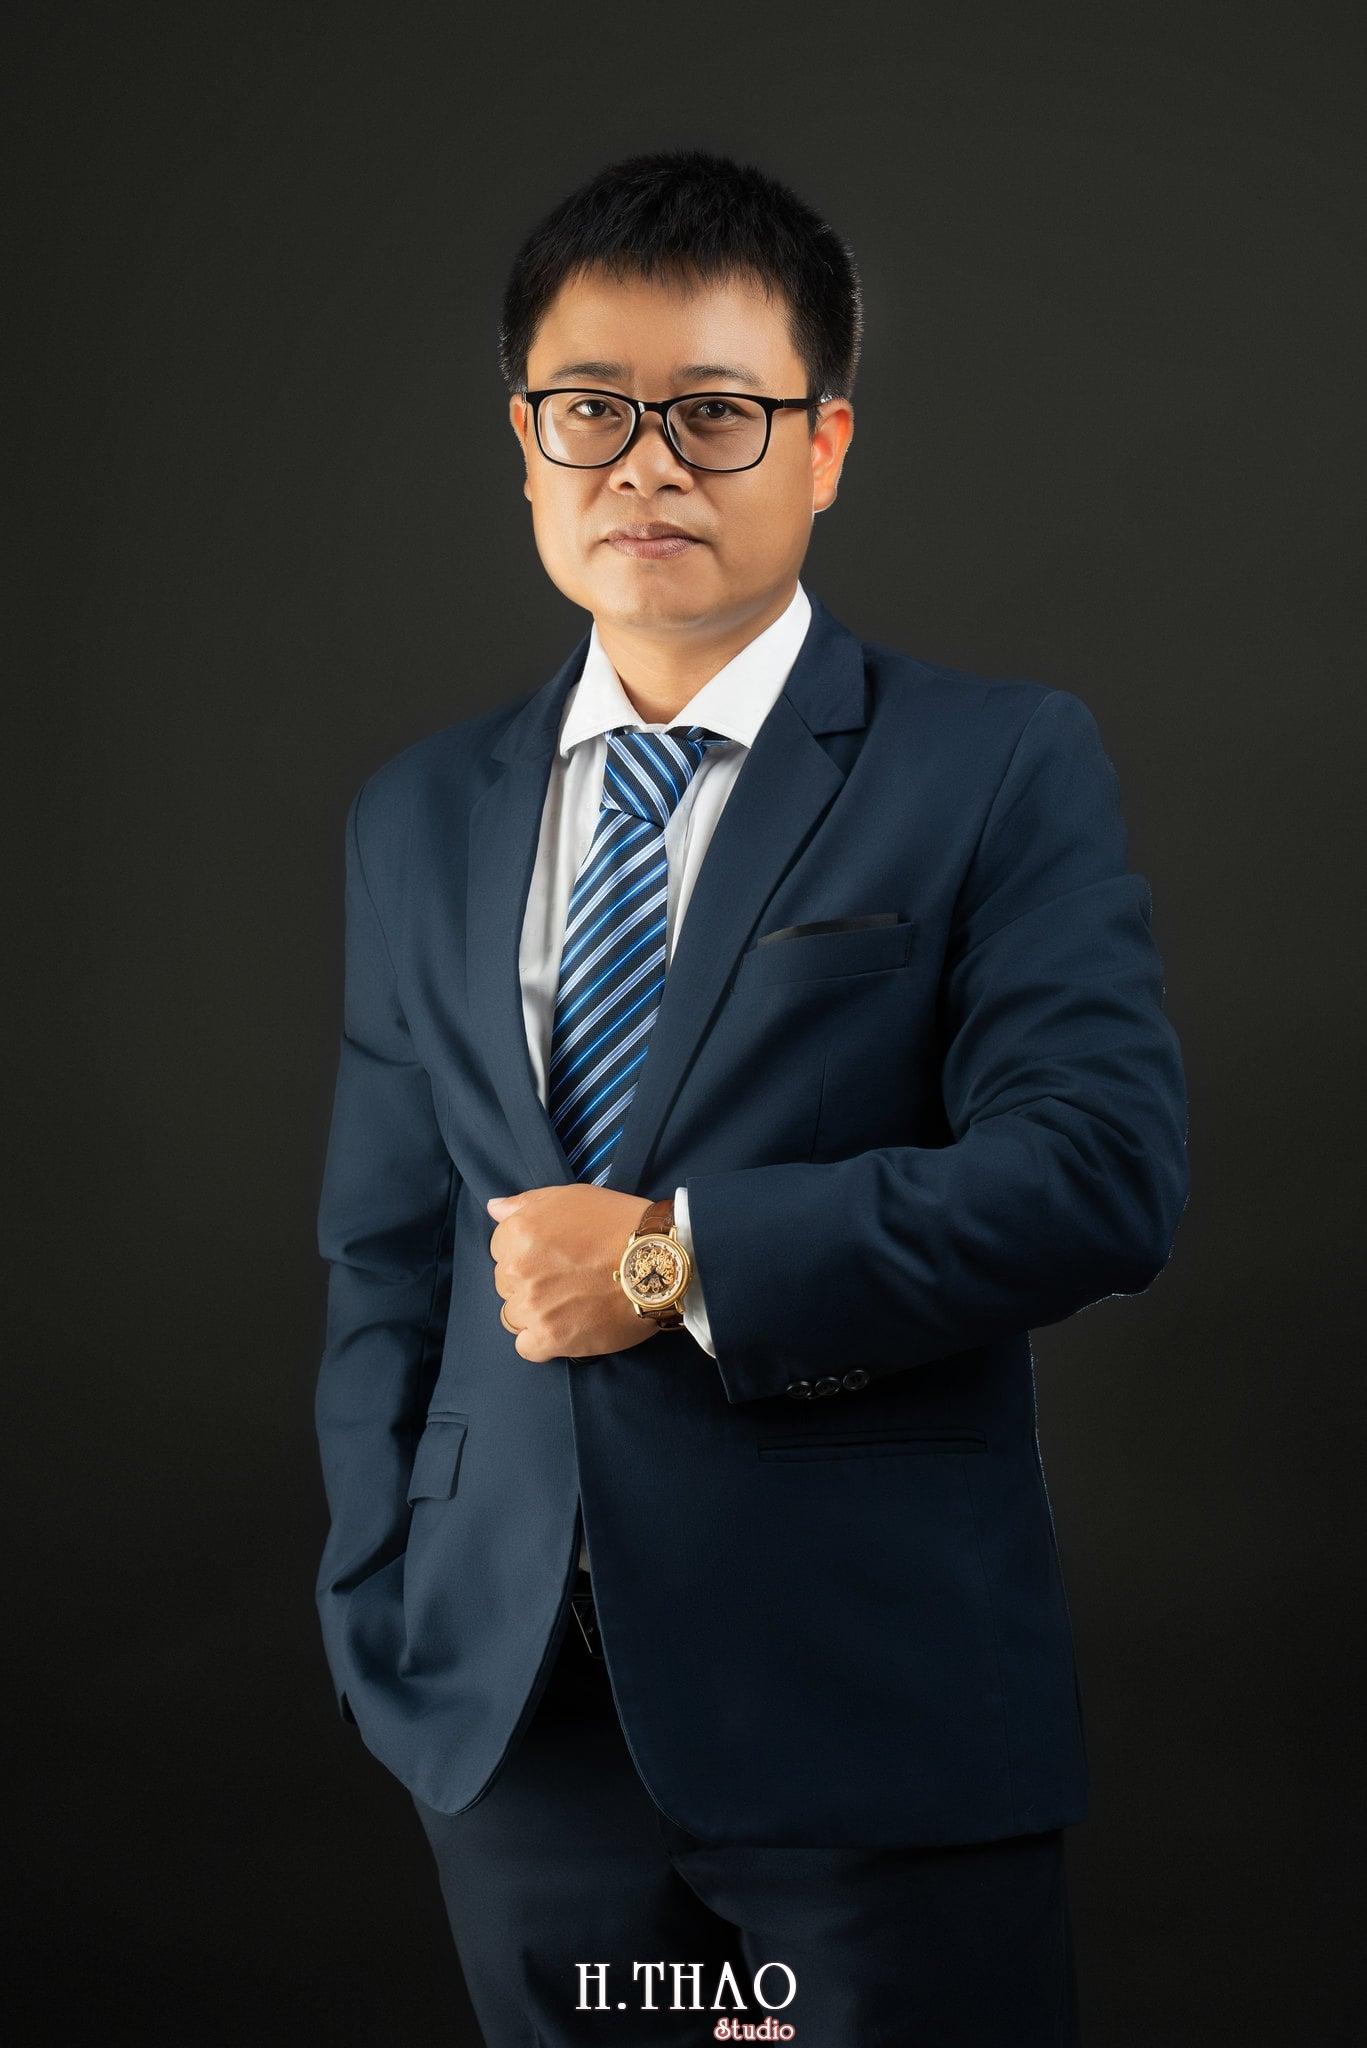 Anh Hoang 9 min - Album ảnh giám đốc Hoàng VIB lịch lãm - HThao Studio